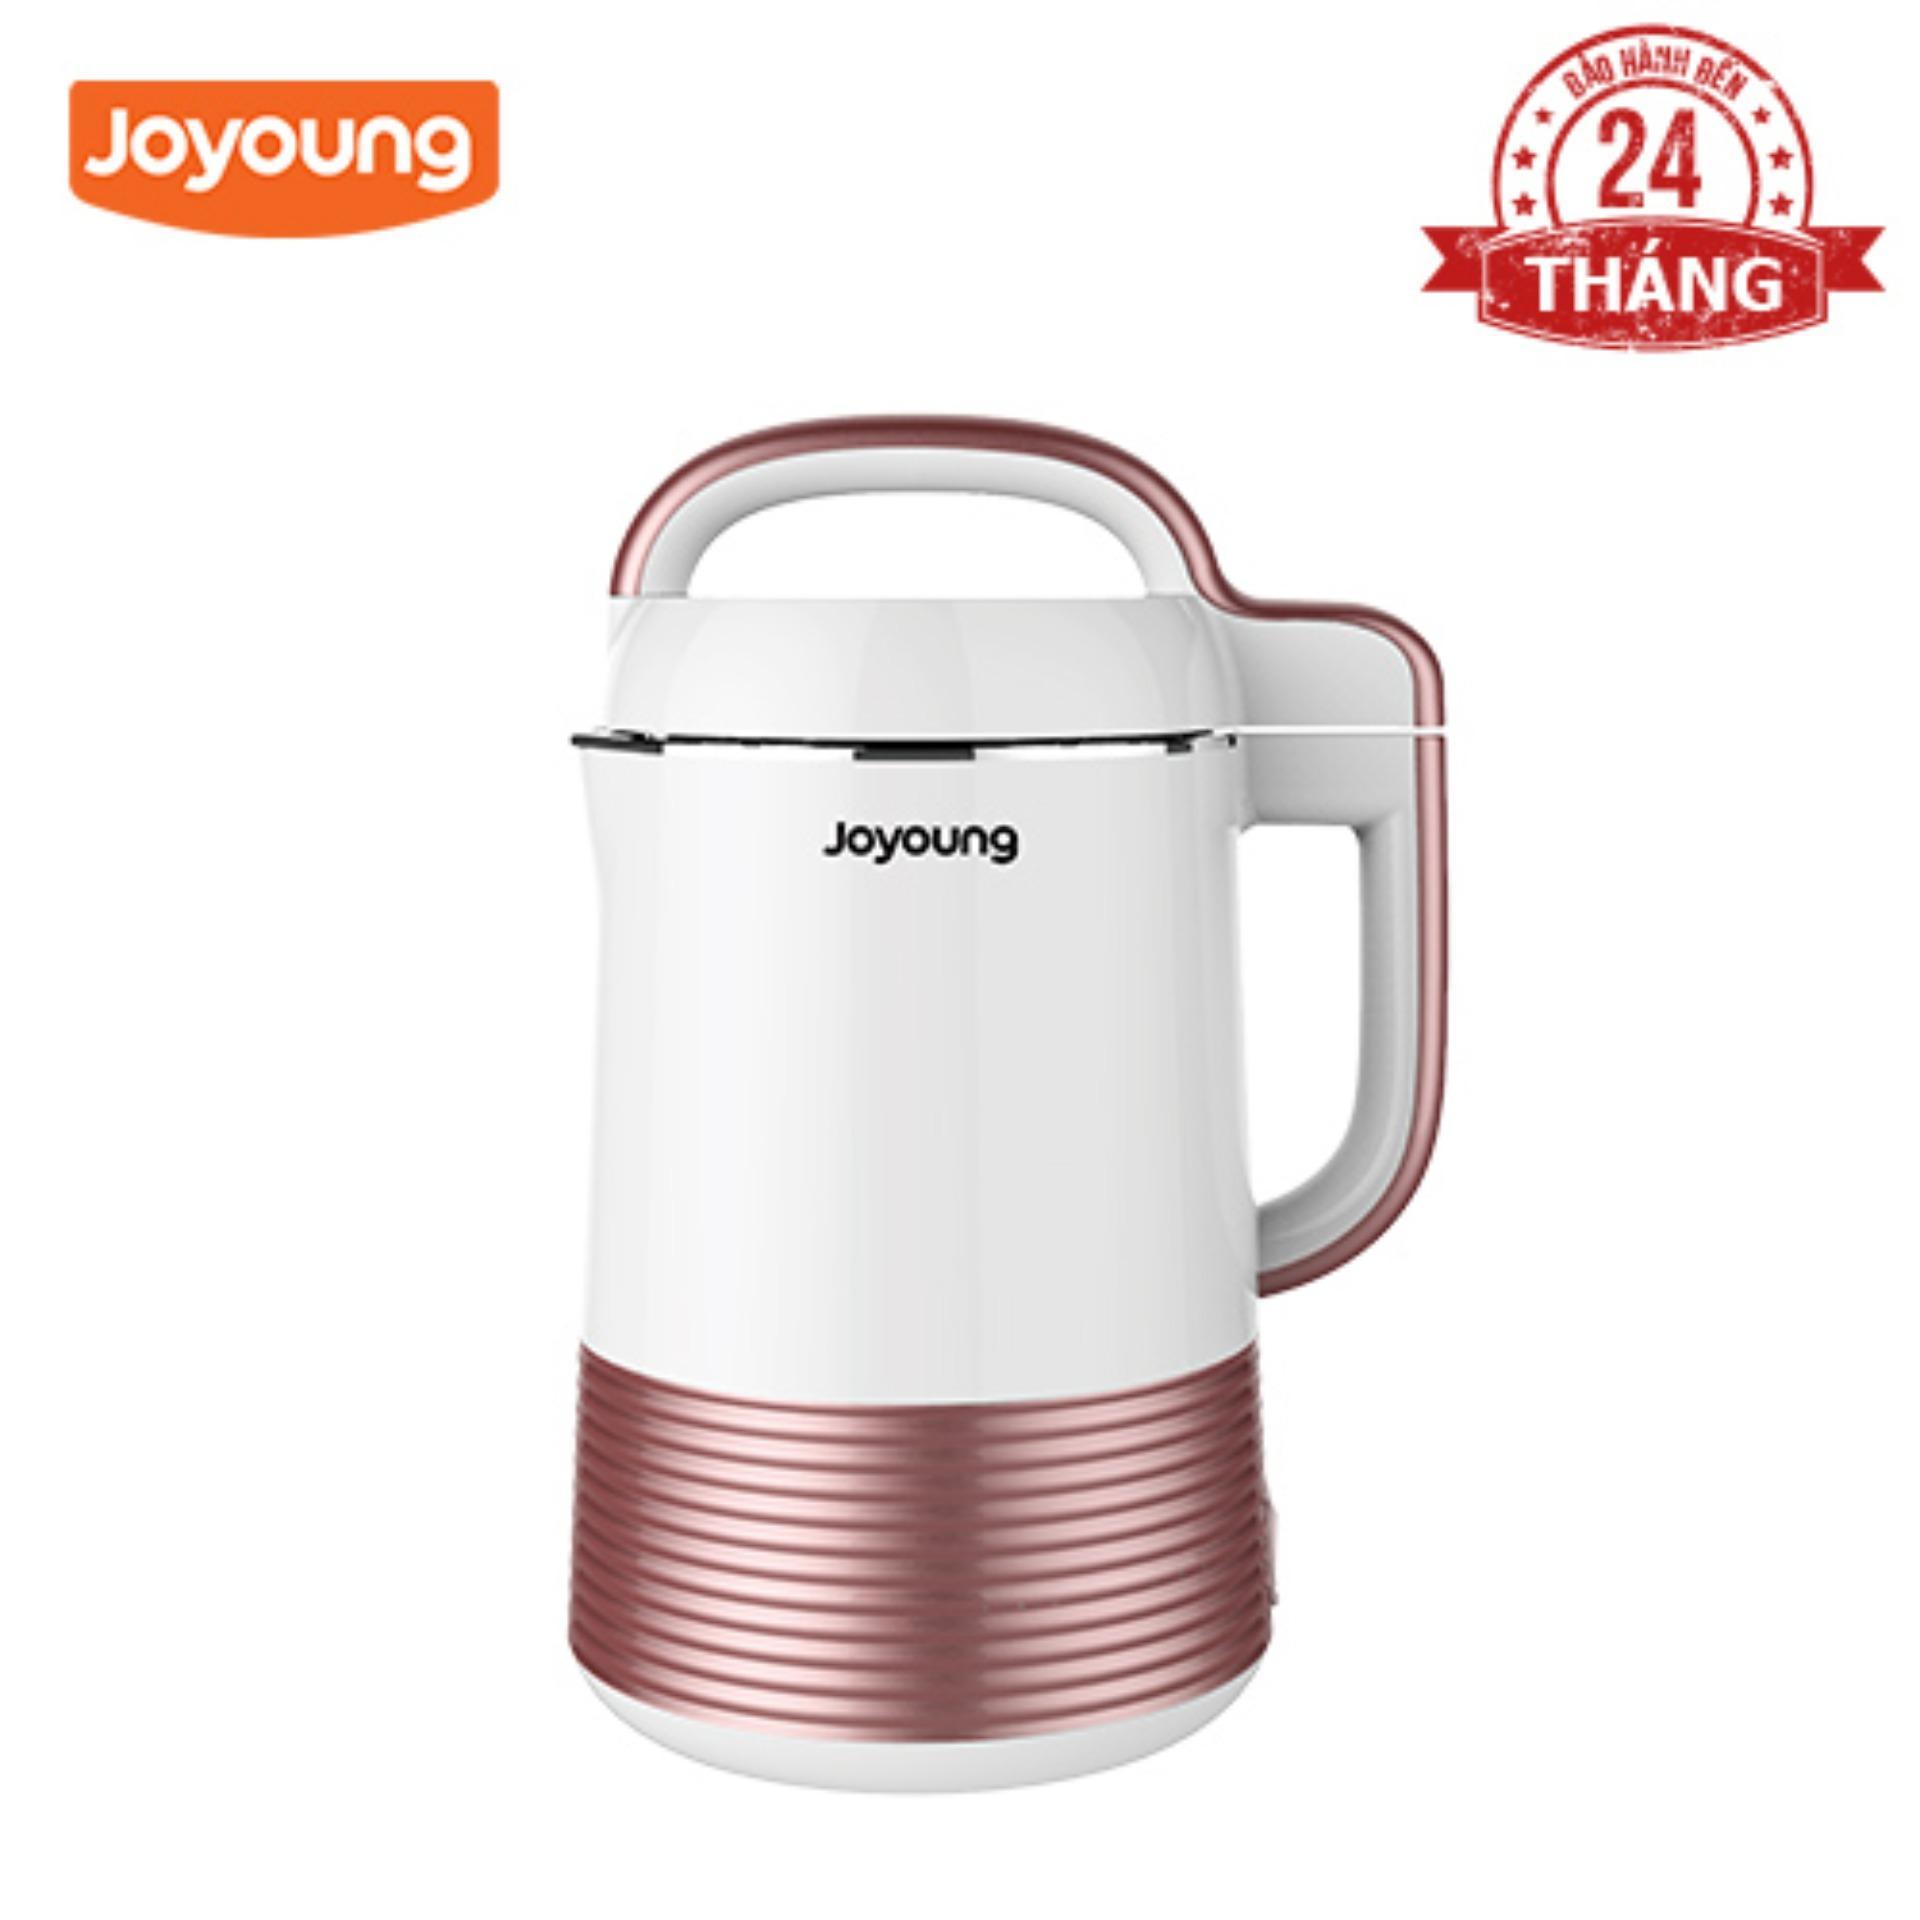 Máy làm sữa đậu nành và xay sinh tố đa năng Joyoung Q3 1.3L công suất 1000W - chất liệu thép cao cấp Inox 304 - xay cực nhuyễn sữa siêu mịn - Hàng chính hãng